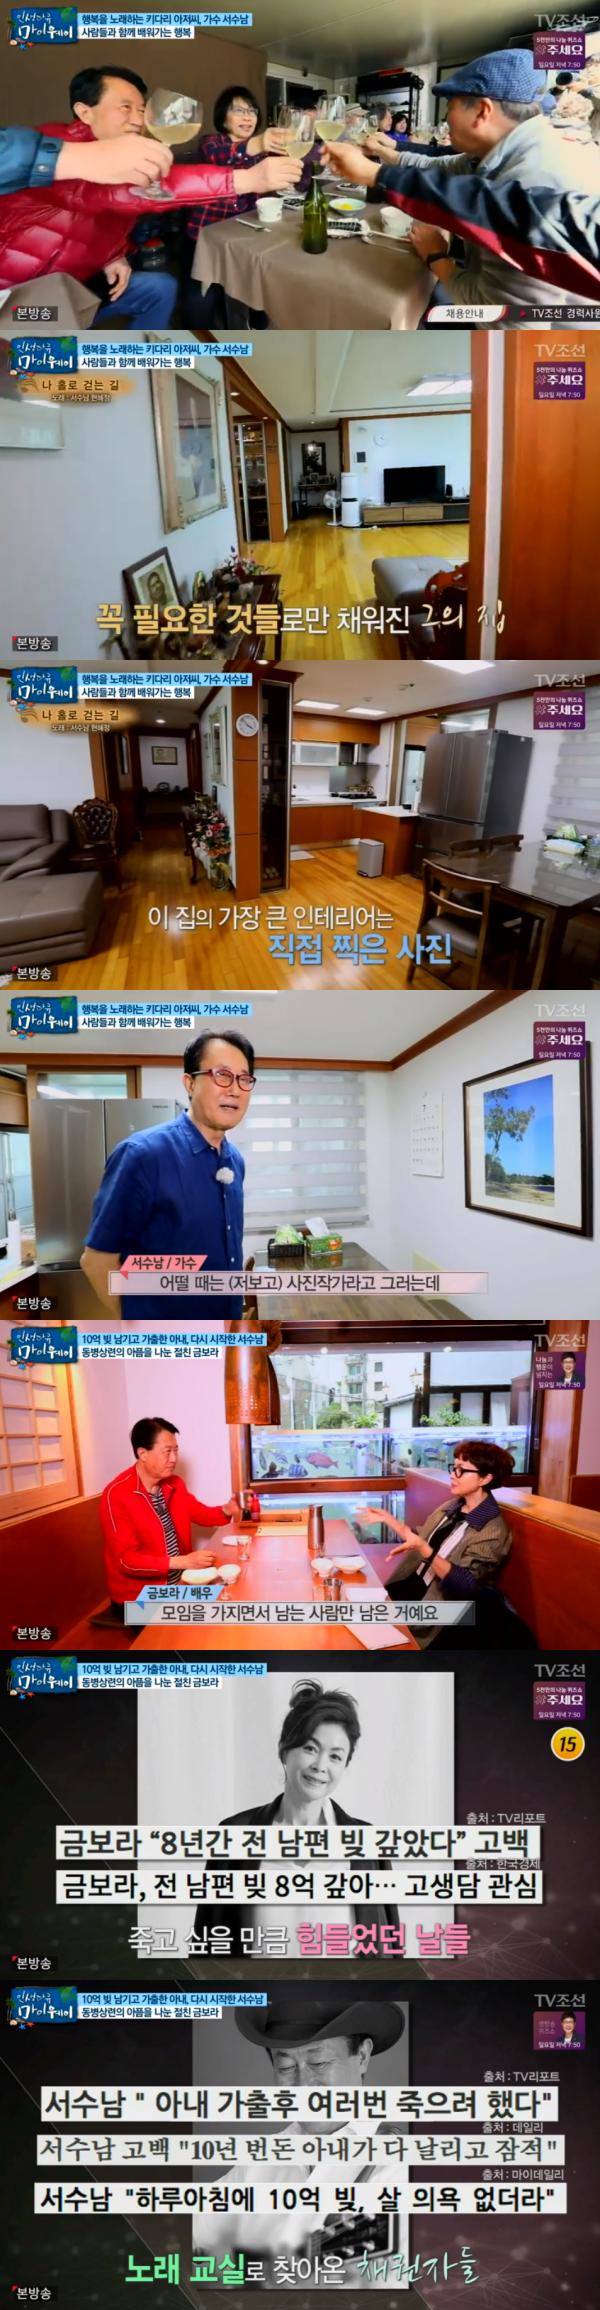 """'마이웨이' 서수남, 해외에서 사망한 딸 소식 뒤늦게 공개 """"삶의 의욕 송두리째 앗아가"""""""